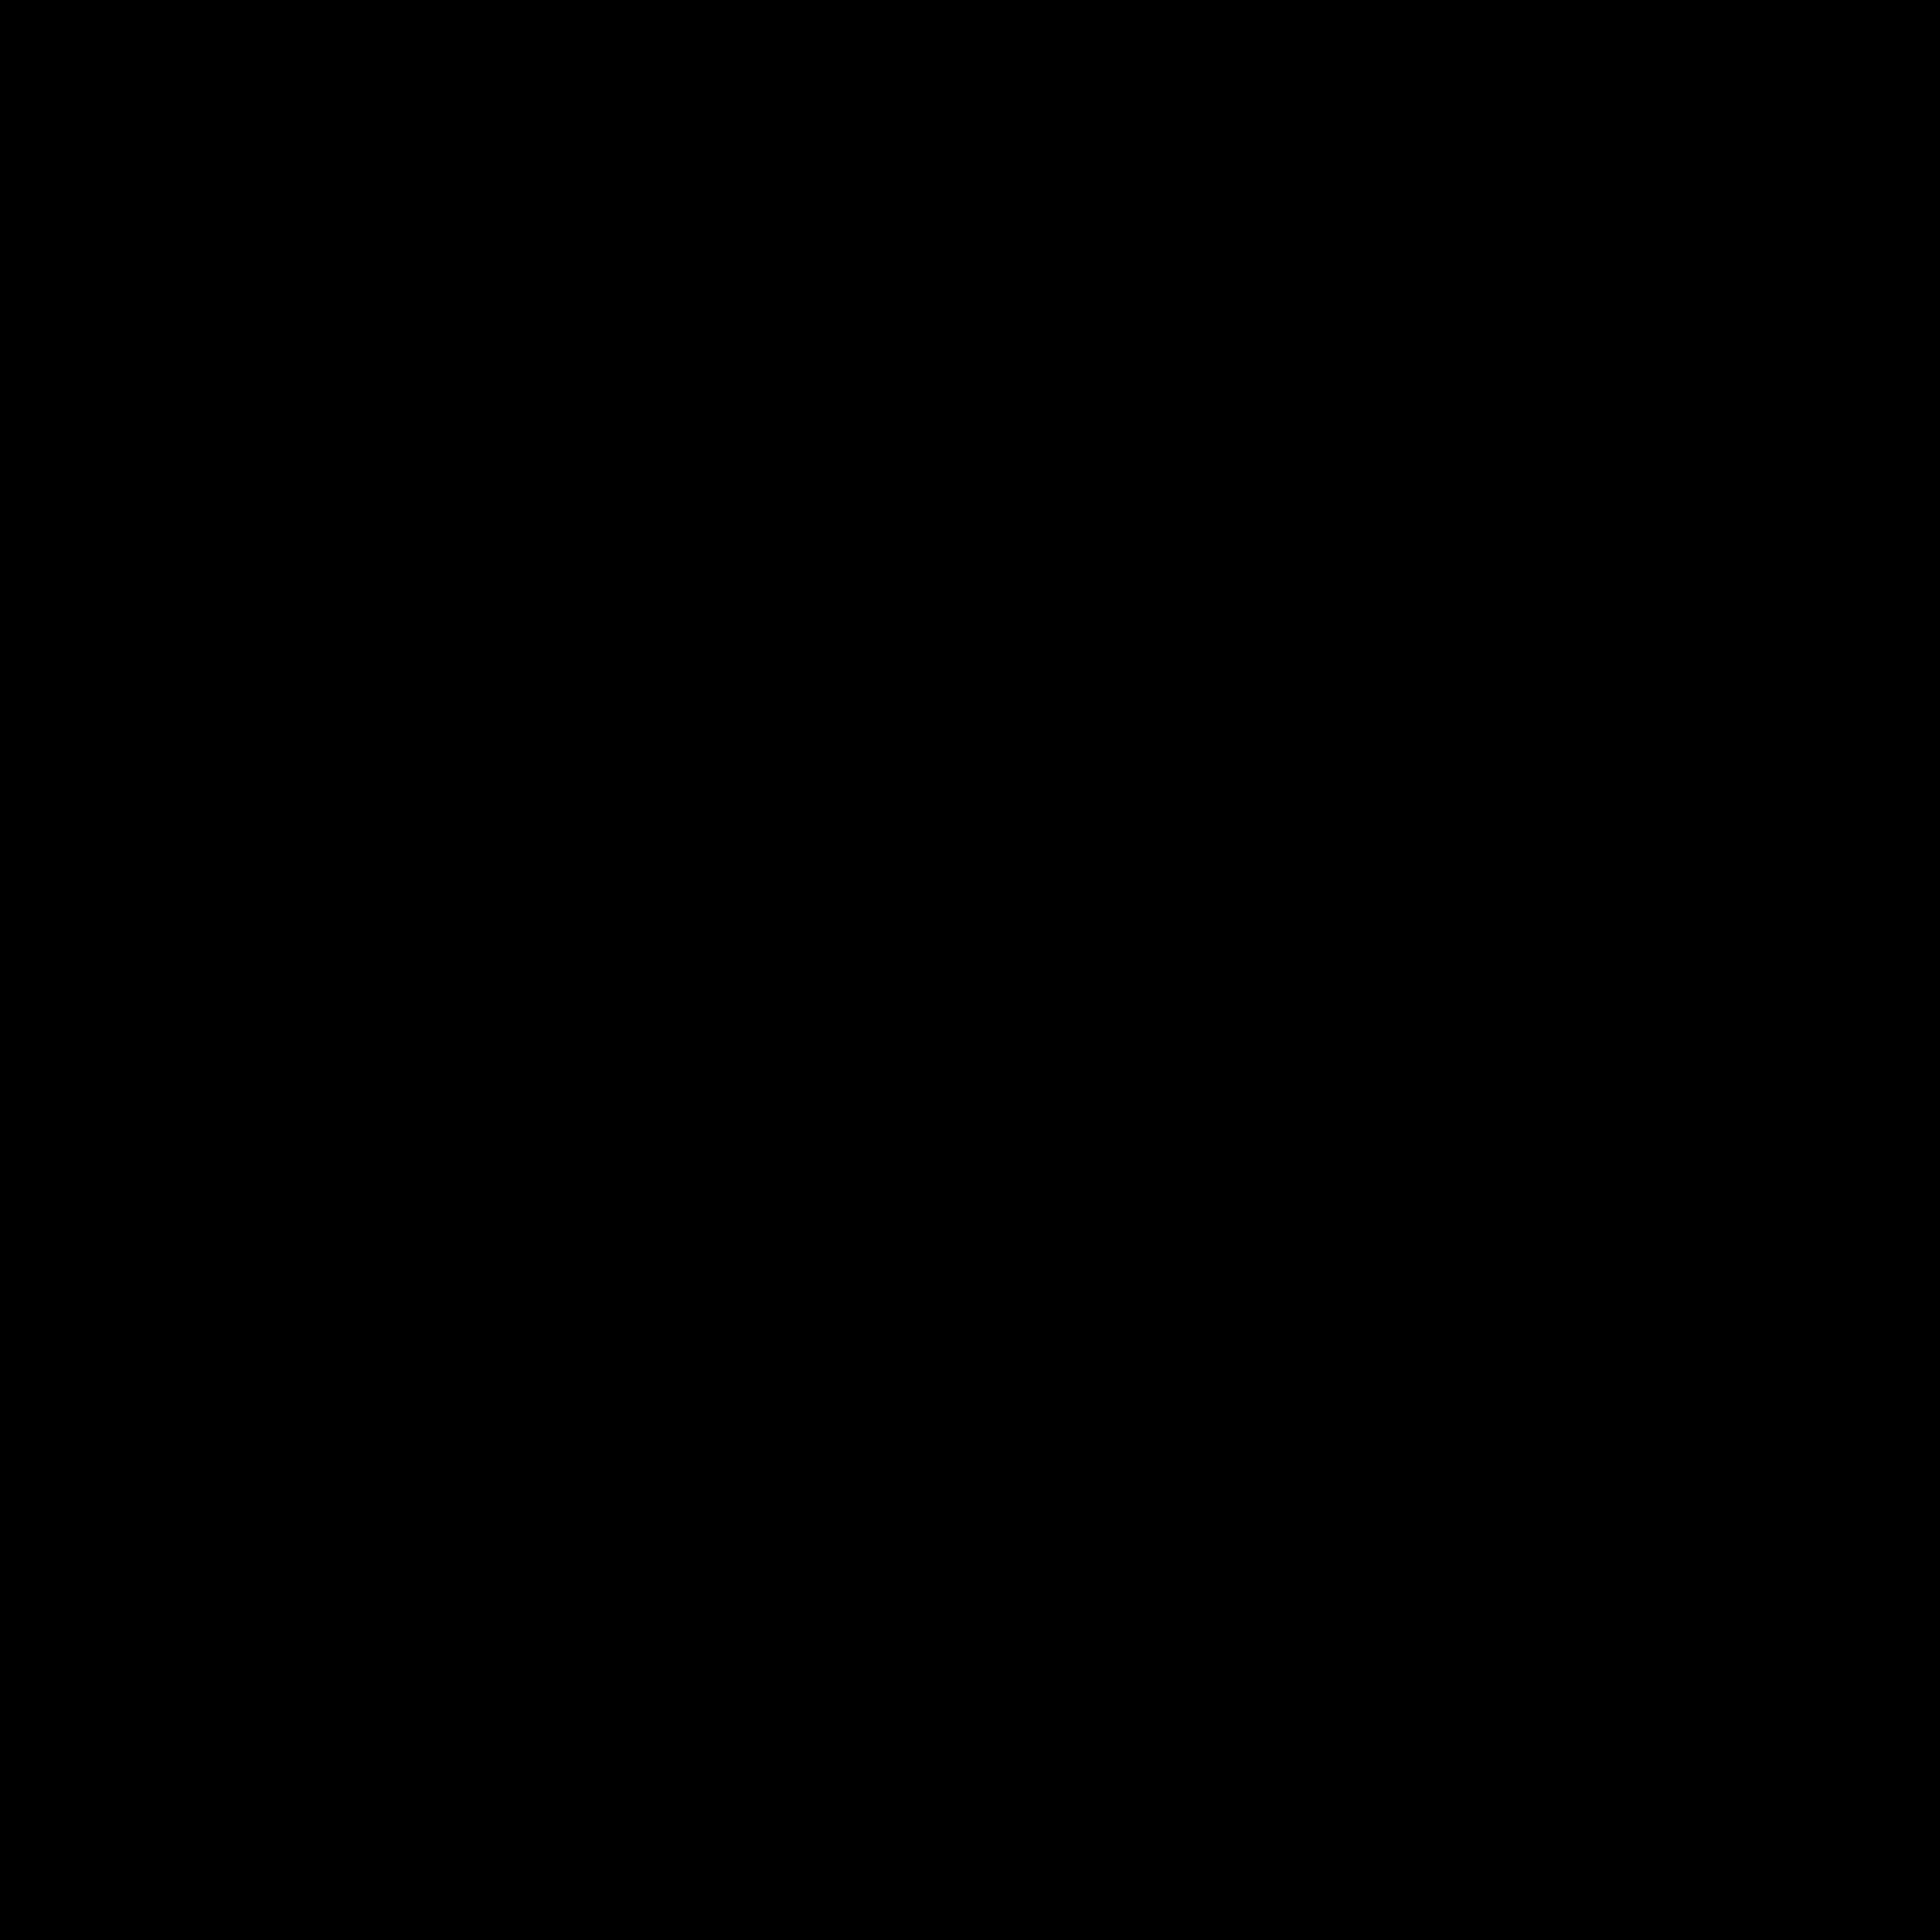 Steeam挂けカードゲームは30種類のカードゲームセットを追加して、カードのアクティブ化コードを世界KEYに登録します。